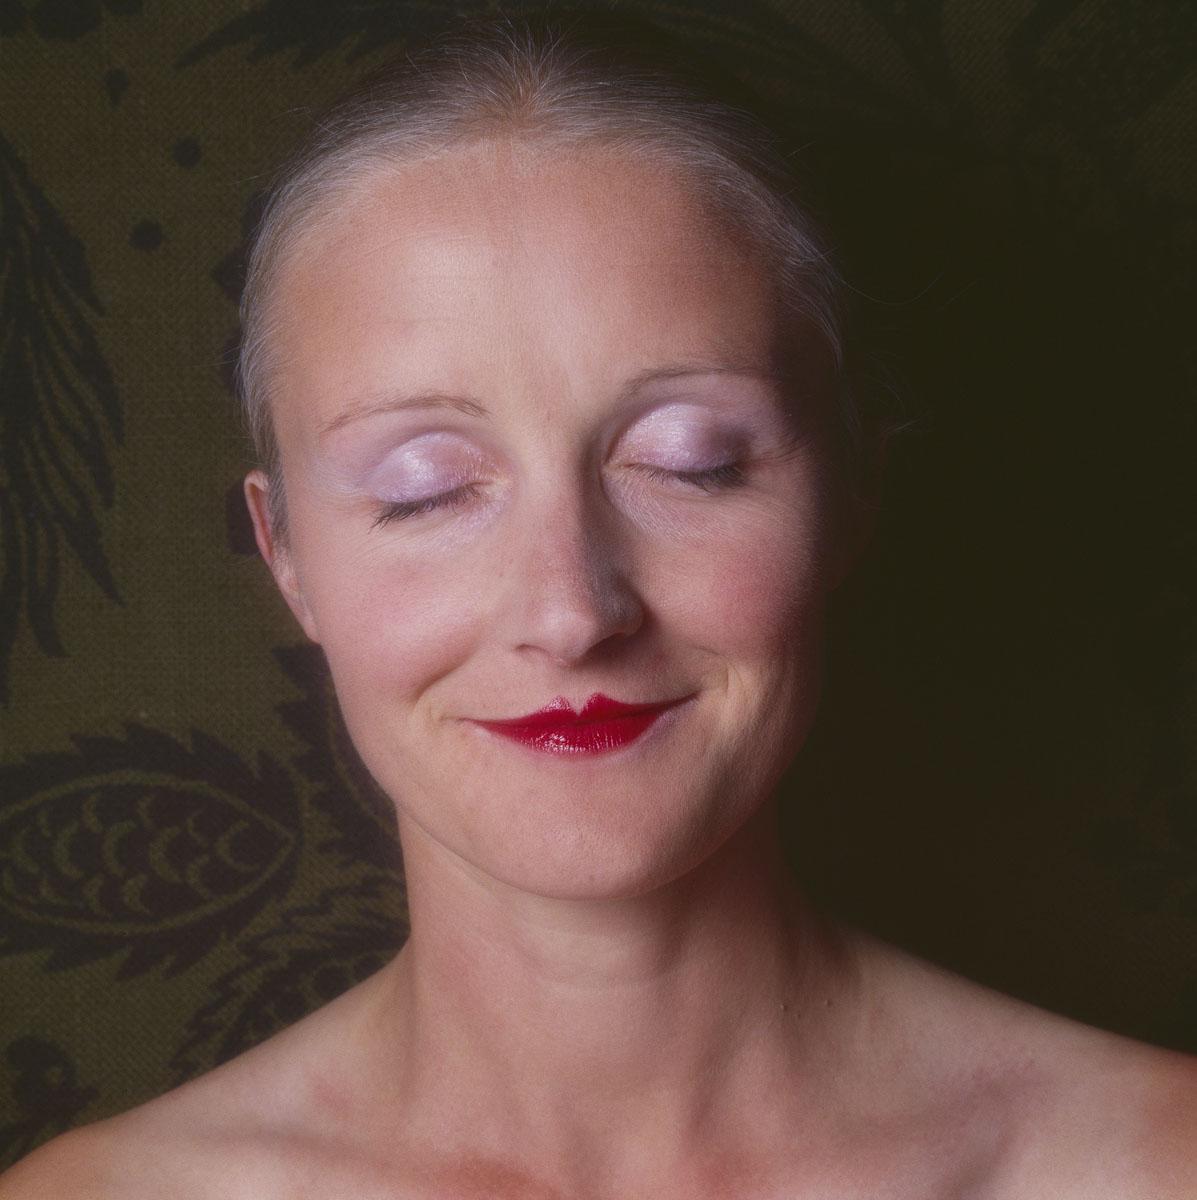 La photographie montre la tête d'une femme souriant les yeux fermés.